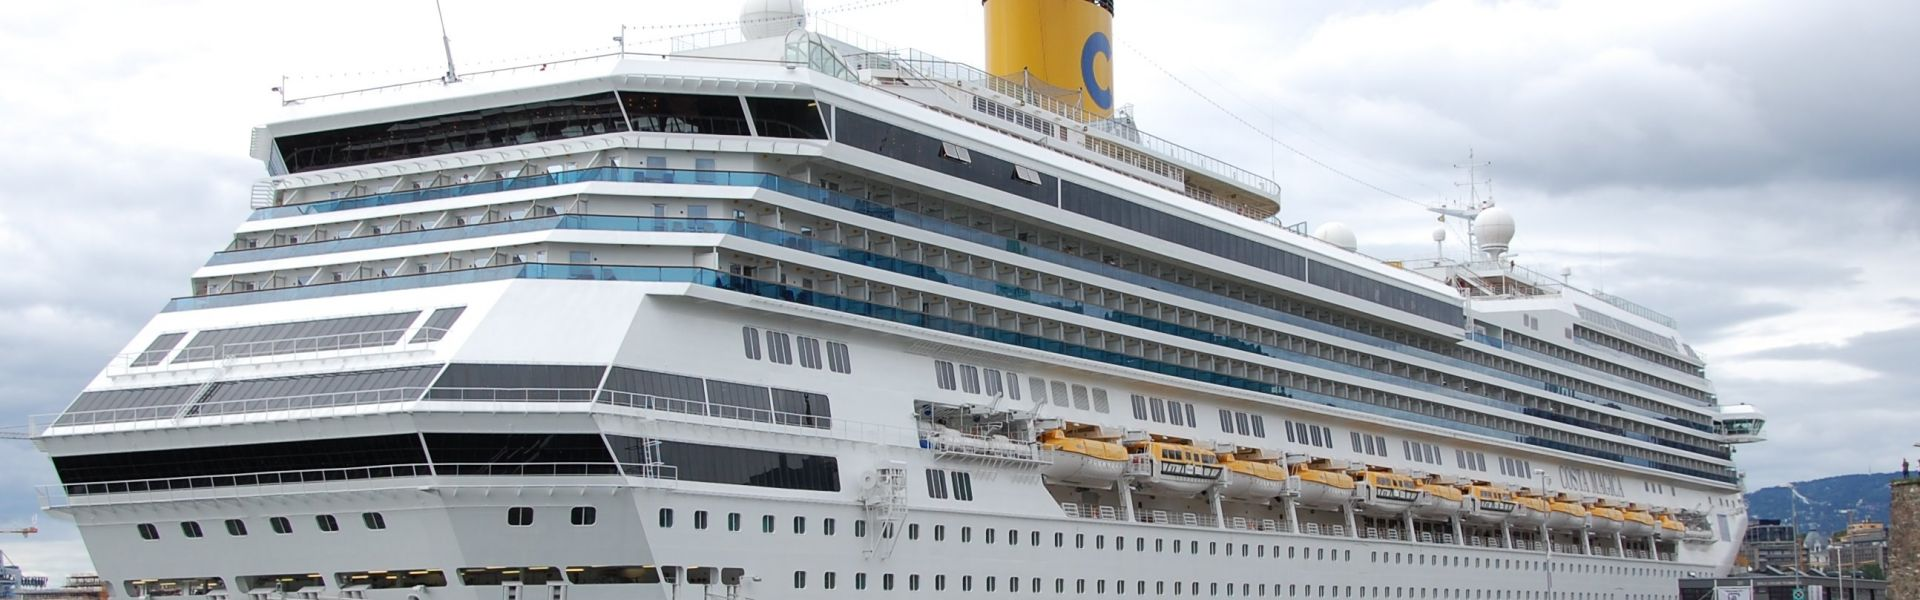 Croaziera 2018 - Mediterana de Vest (Civitavecchia) - Costa Cruises - Costa Magica - 7 nopti